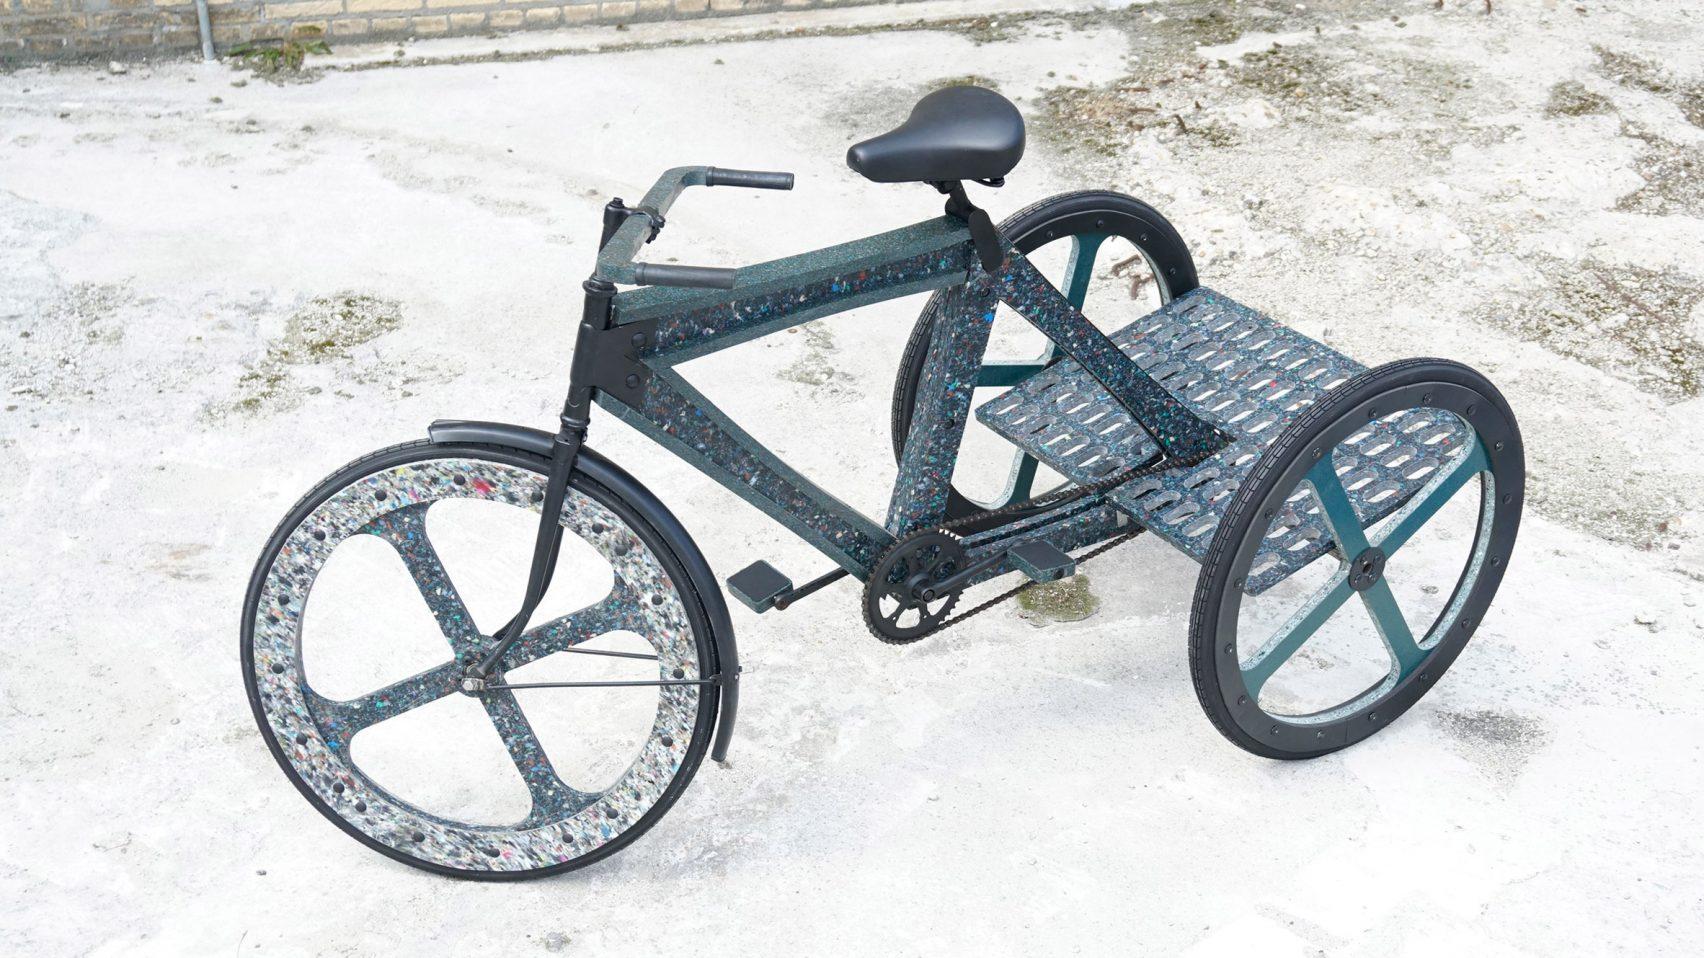 Велосипед, сделанный из переработанных бутылок